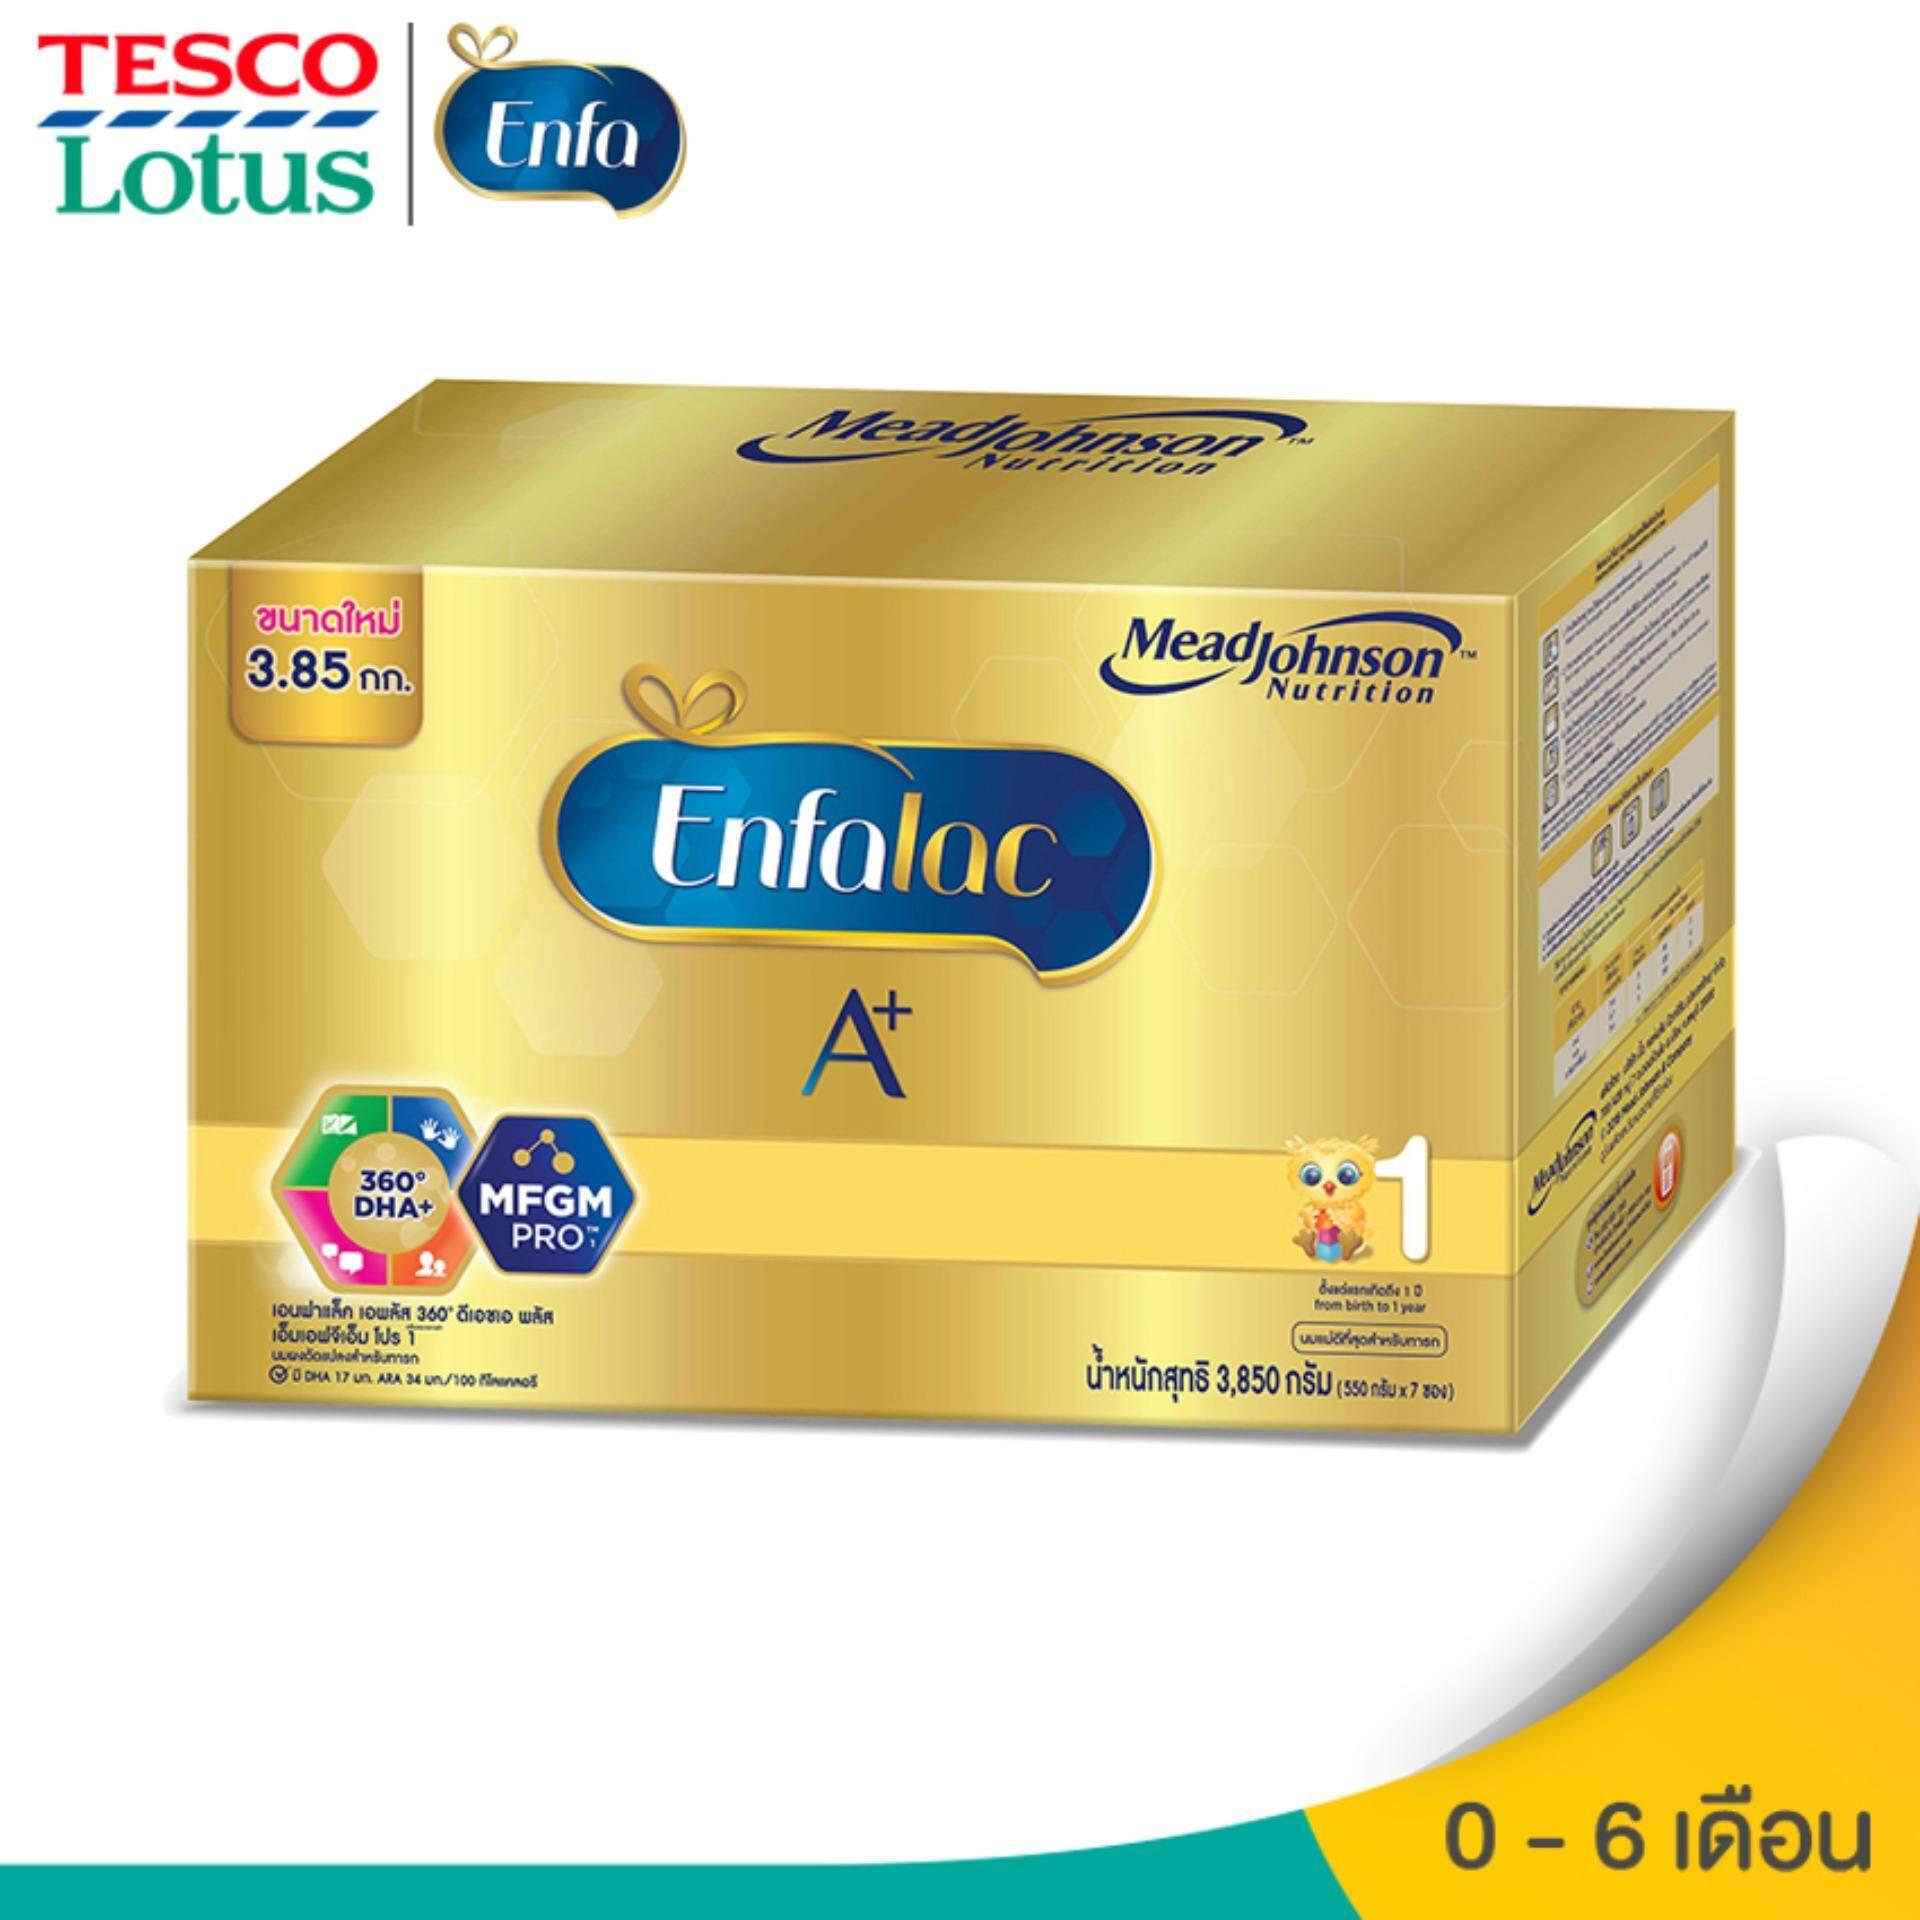 ต้องการซื้อ  ENFALAC เอนฟาแล็ค นมผงสำหรับเด็ก ช่วงวัยที่ 1 เอพลัส 360ํ ดีเอชเอพลัส เอ็มเอฟจีเอ็มโปร 3850 กรัม   ลดราคา ของแท้